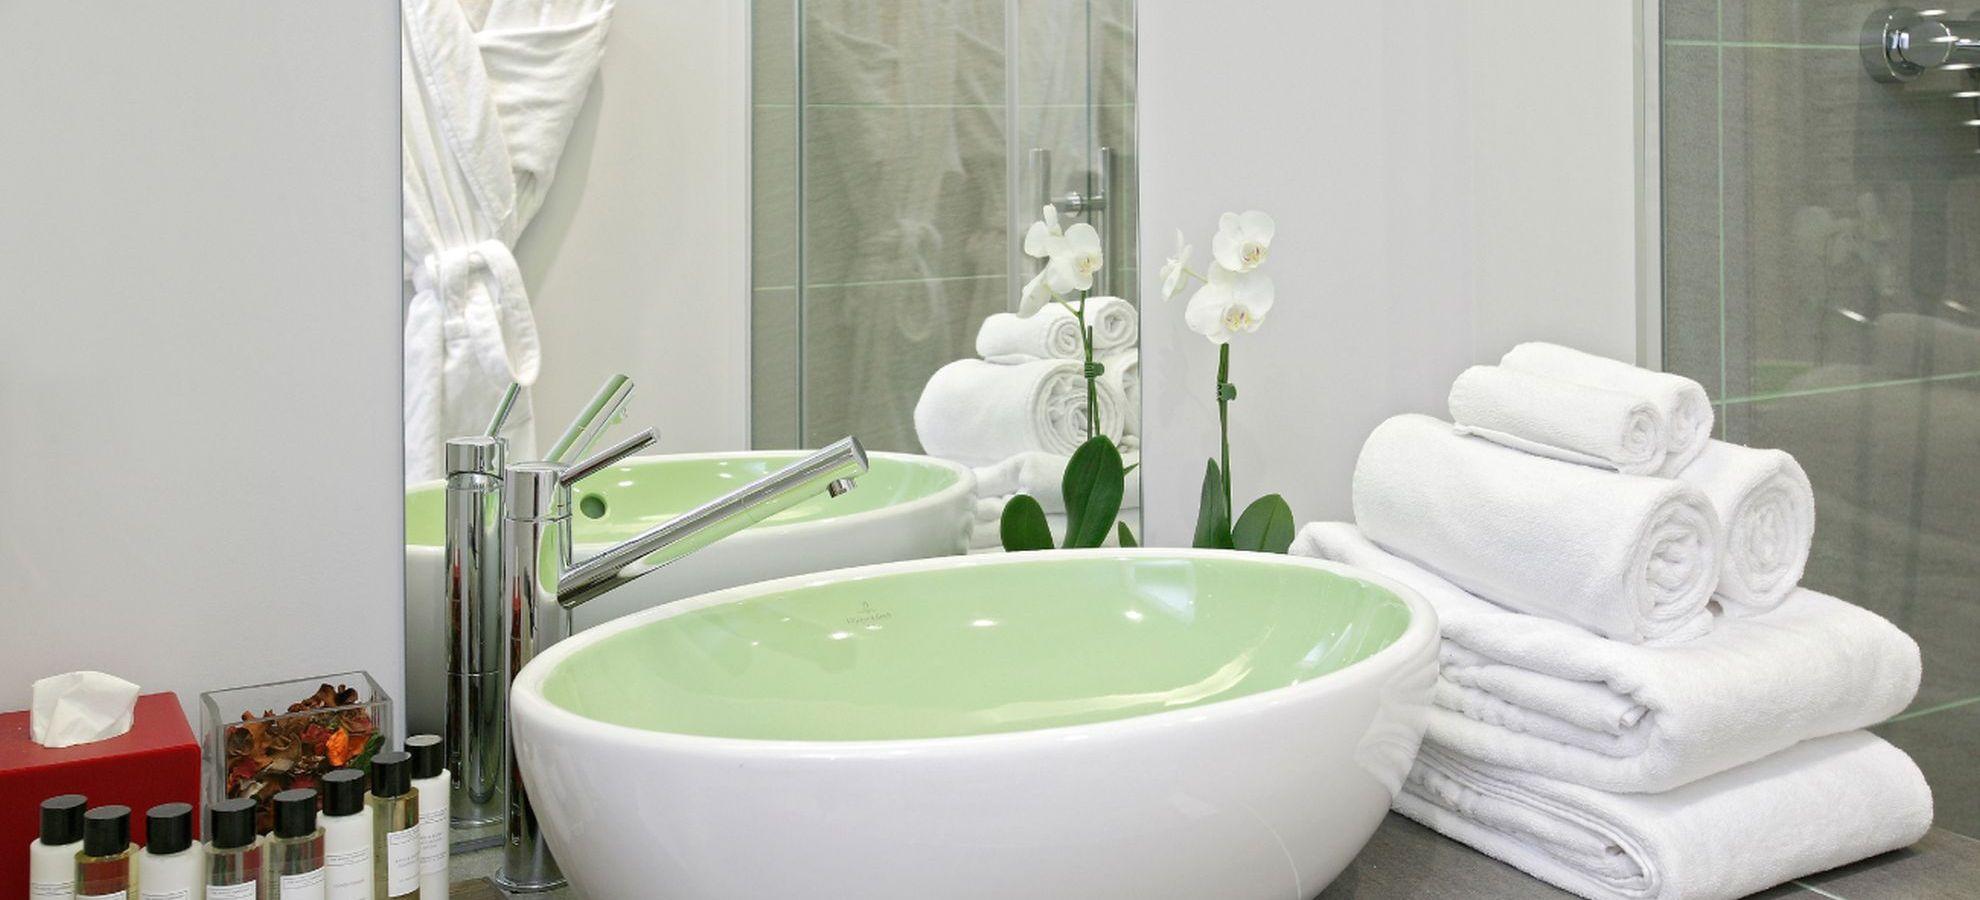 Mamaison-Hotel-Pokrovka-Junior-Suite-Sink.jpg